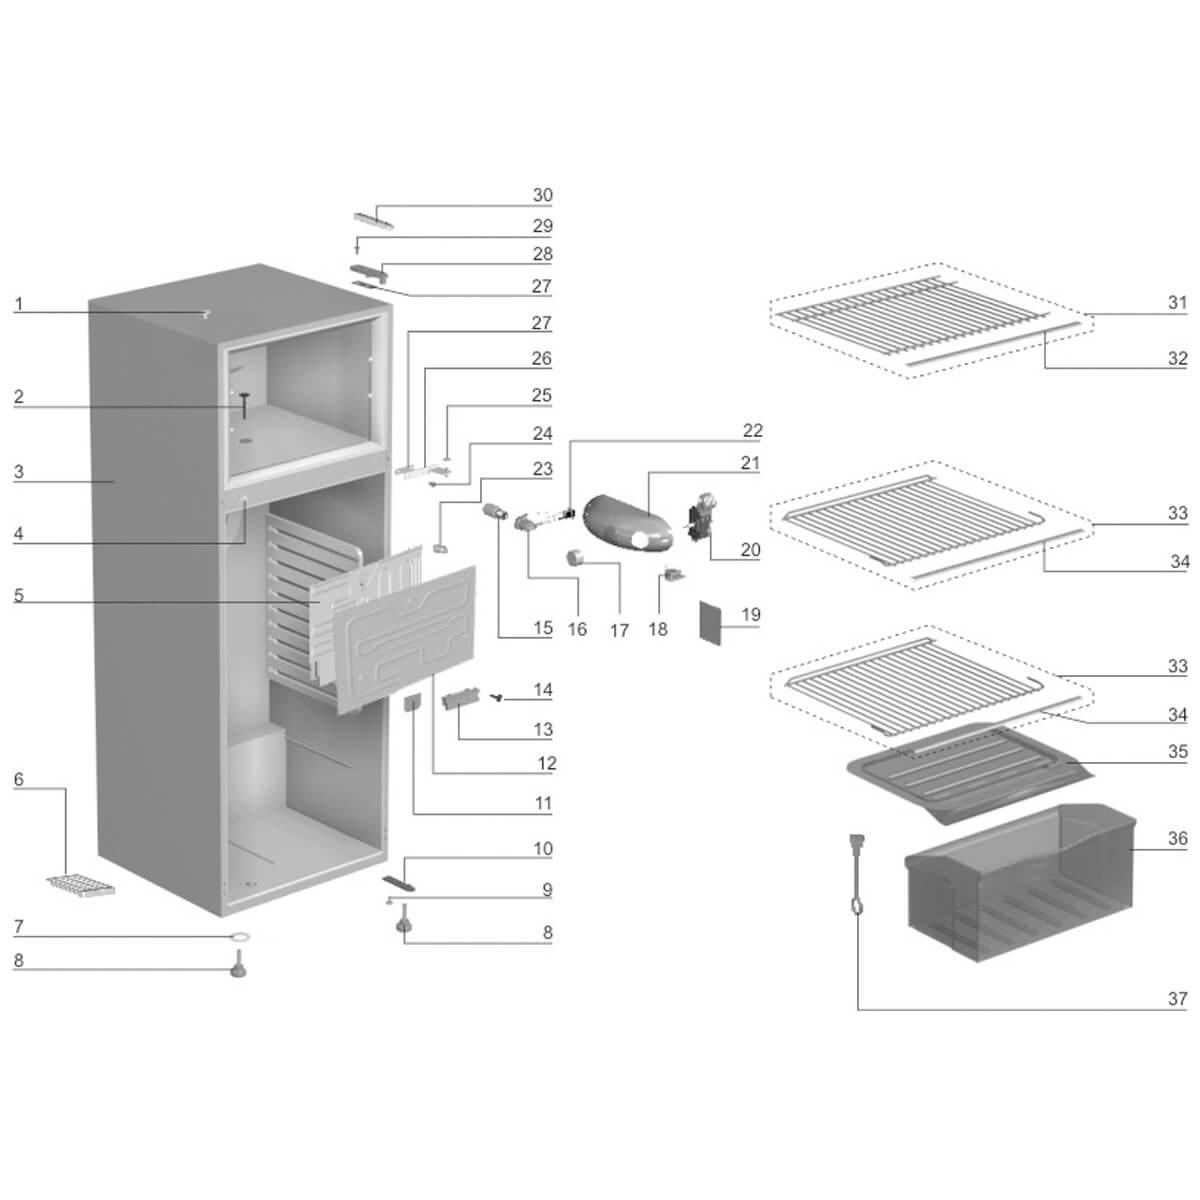 Prateleira Do Refrigerador Electrolux - 60200459